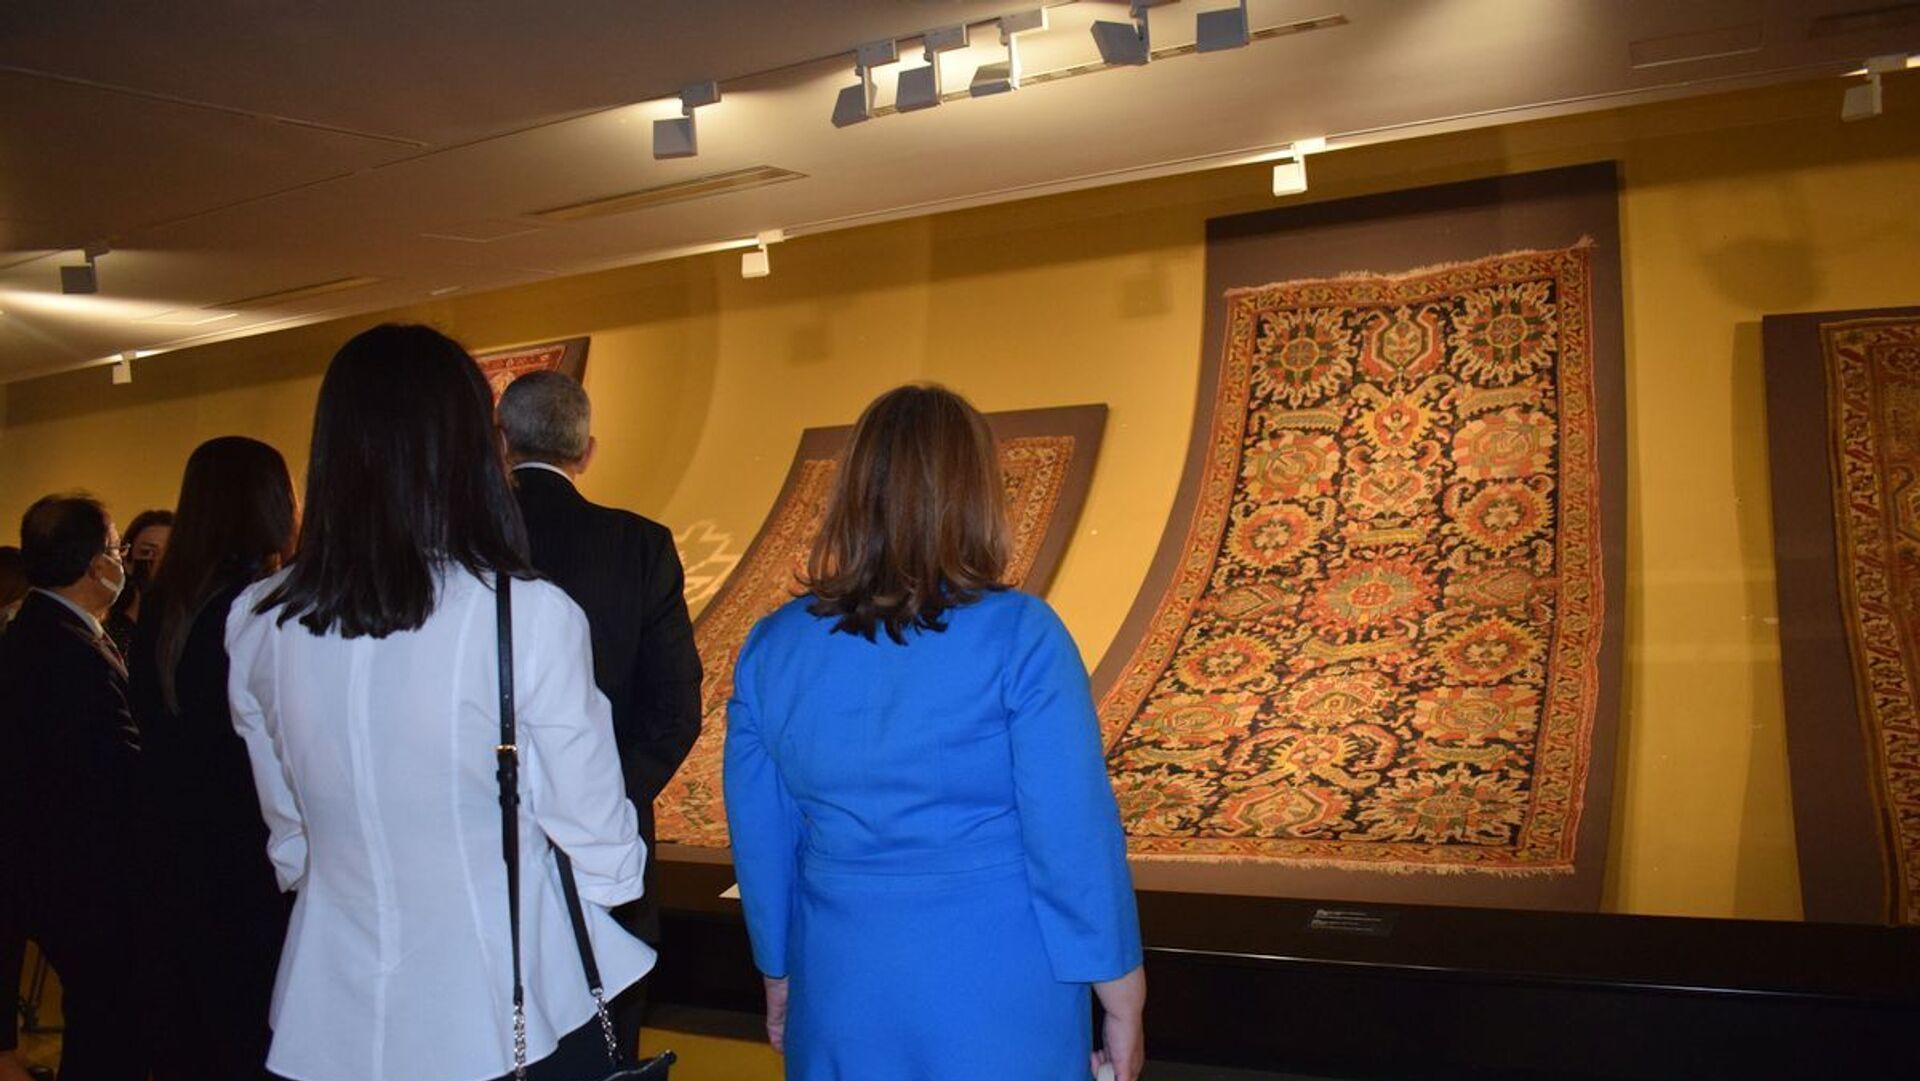 Мероприятие Продолжатели наших традиций  в Национальном музее ковра - Sputnik Азербайджан, 1920, 14.09.2021